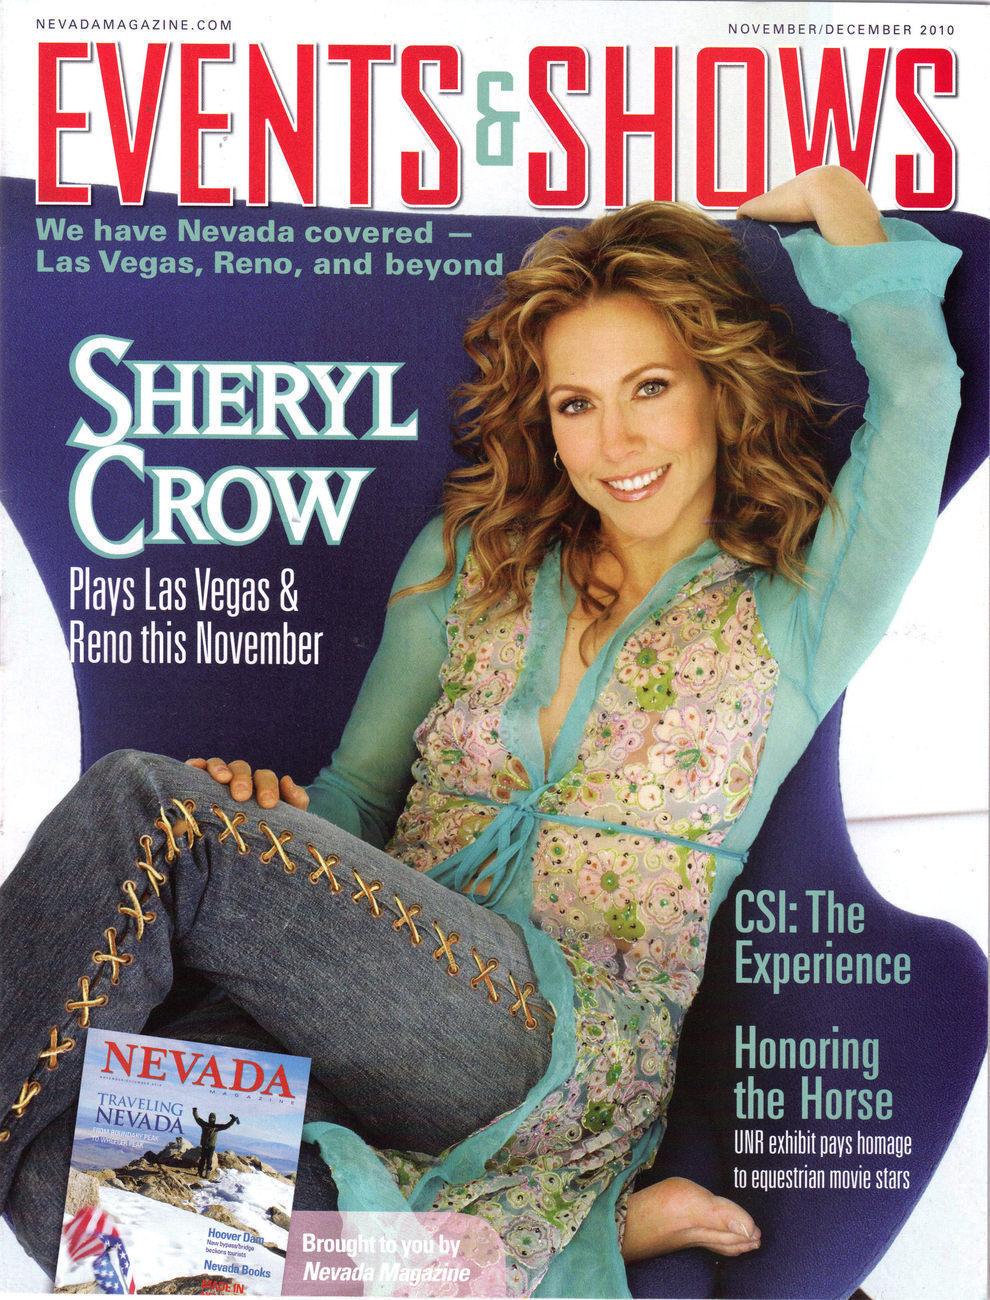 SHERYL CROW Plays Las Vegas Reno @ Events & Shows Las Vegas Magazine